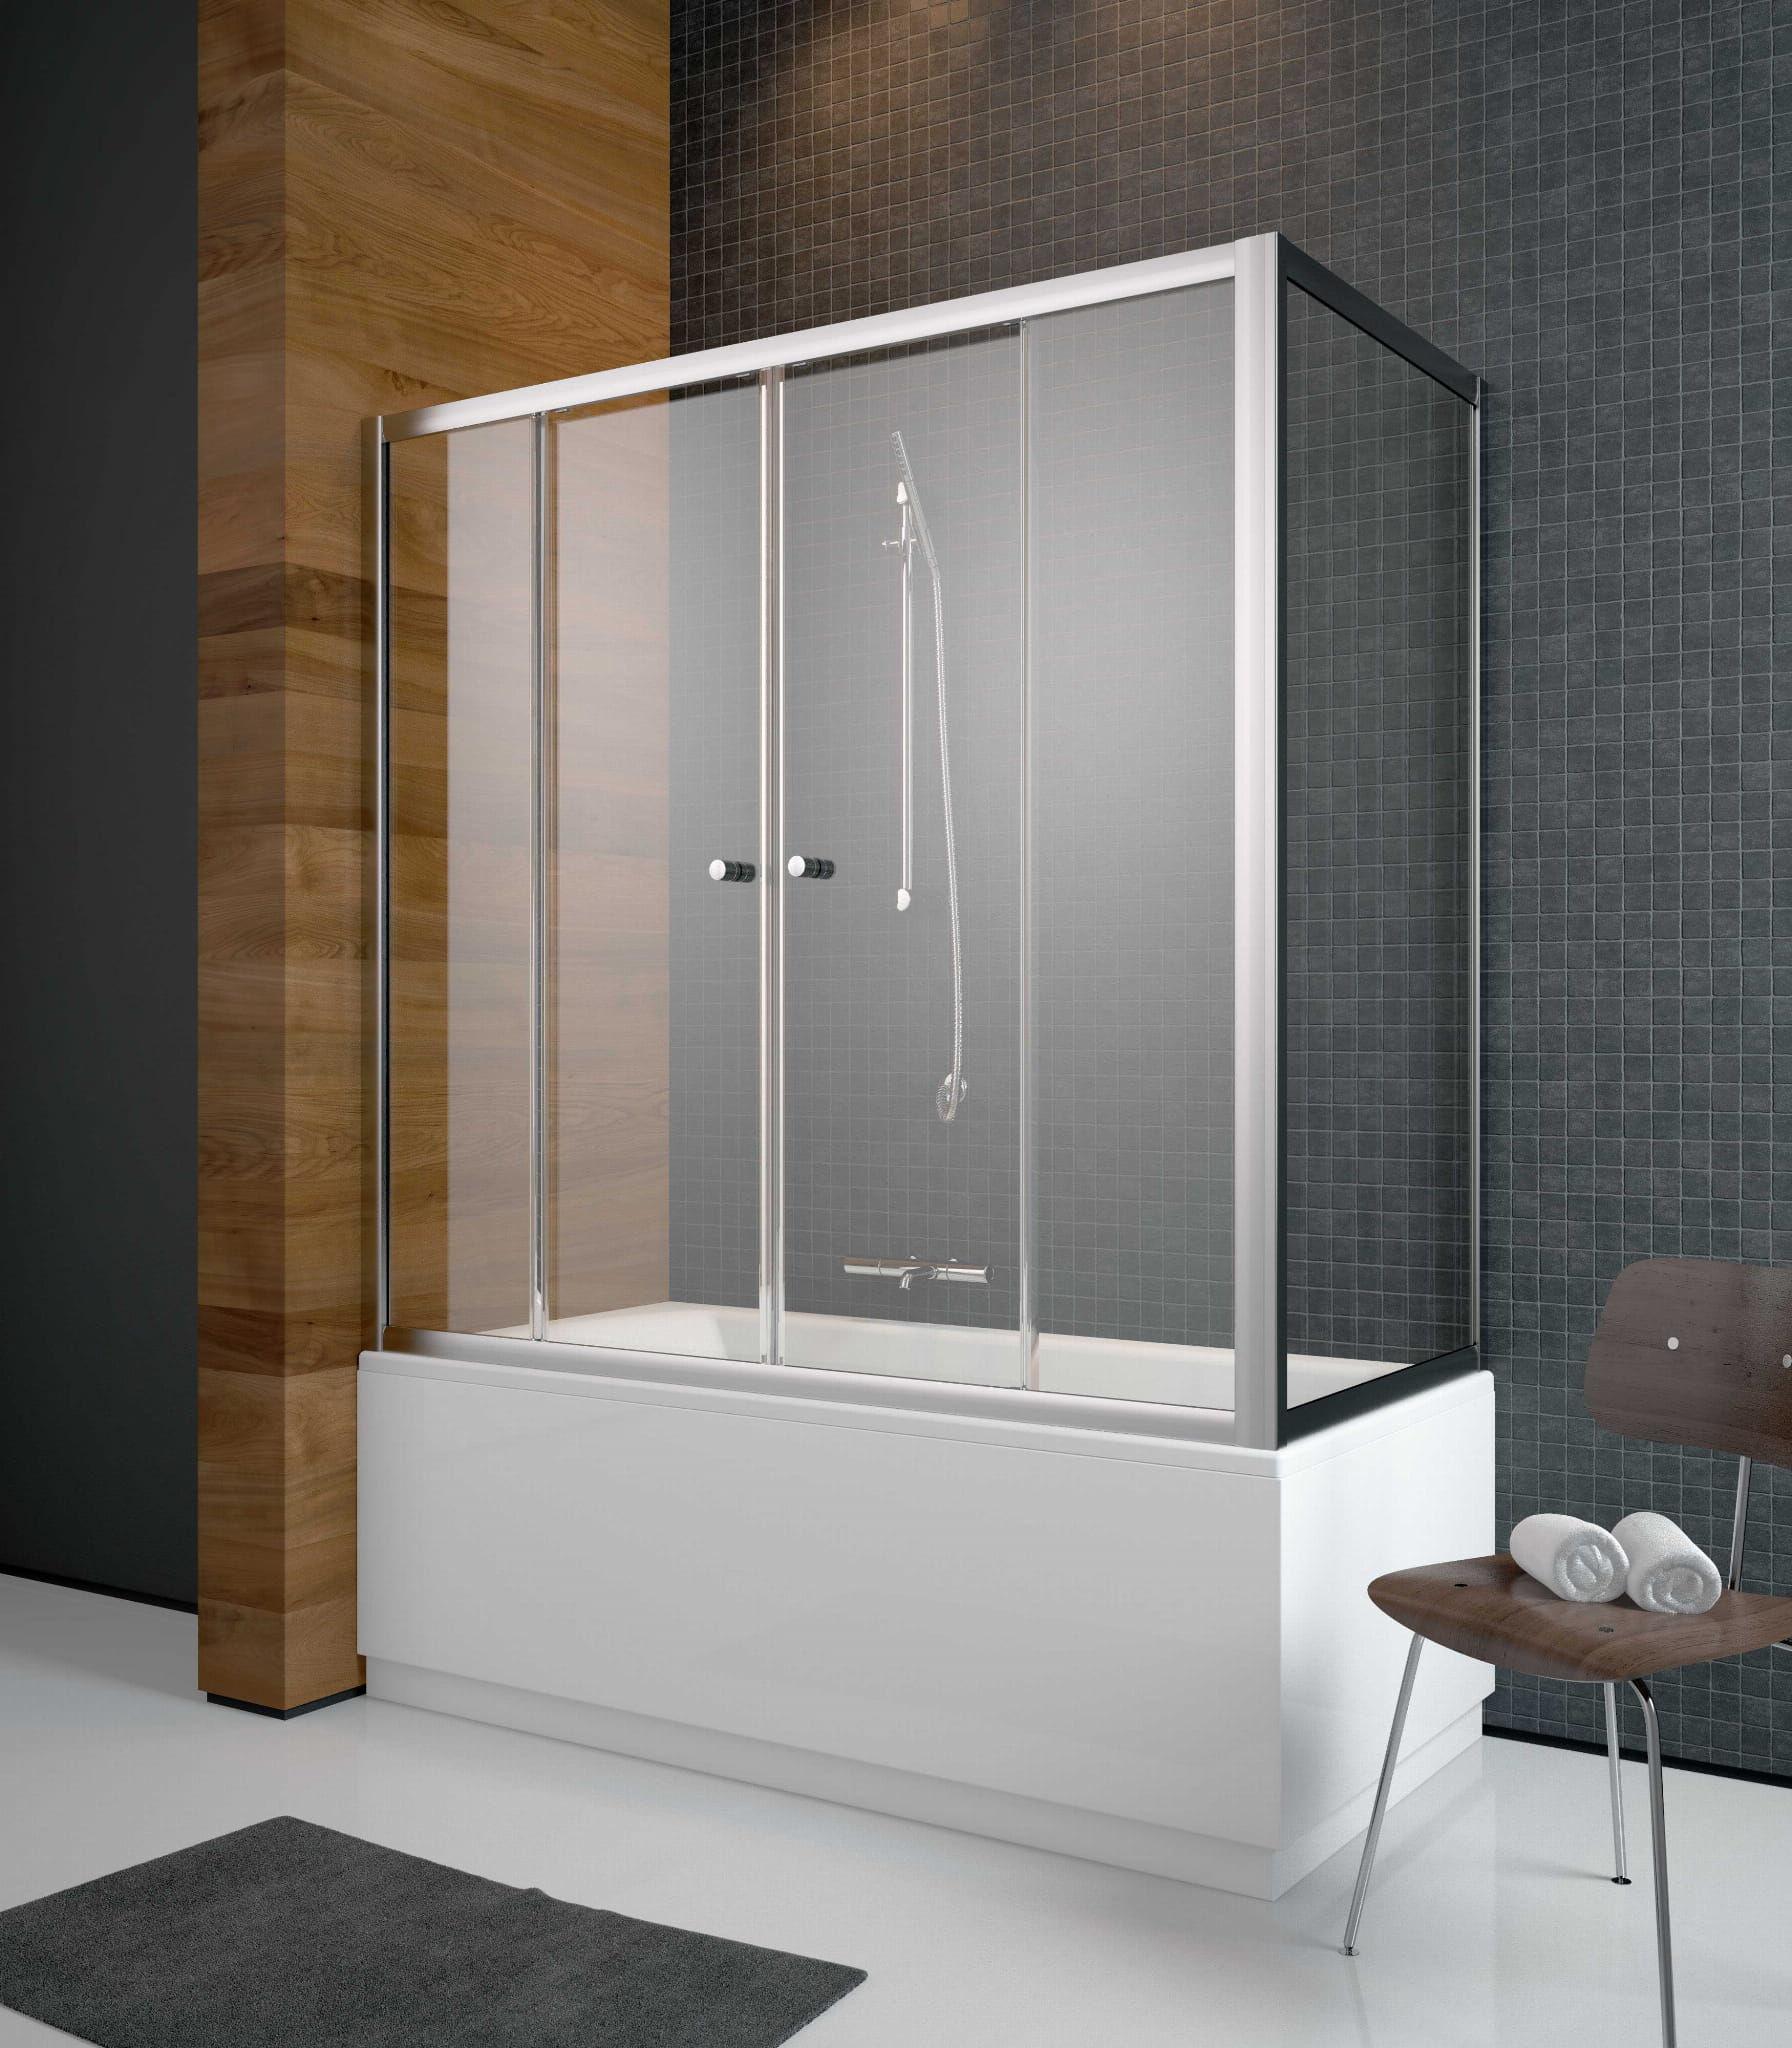 Radaway zabudowa nawannowa Vesta DWD+S 160 x 65, szkło przejrzyste, wys. 150 cm 203160-01/204065-01